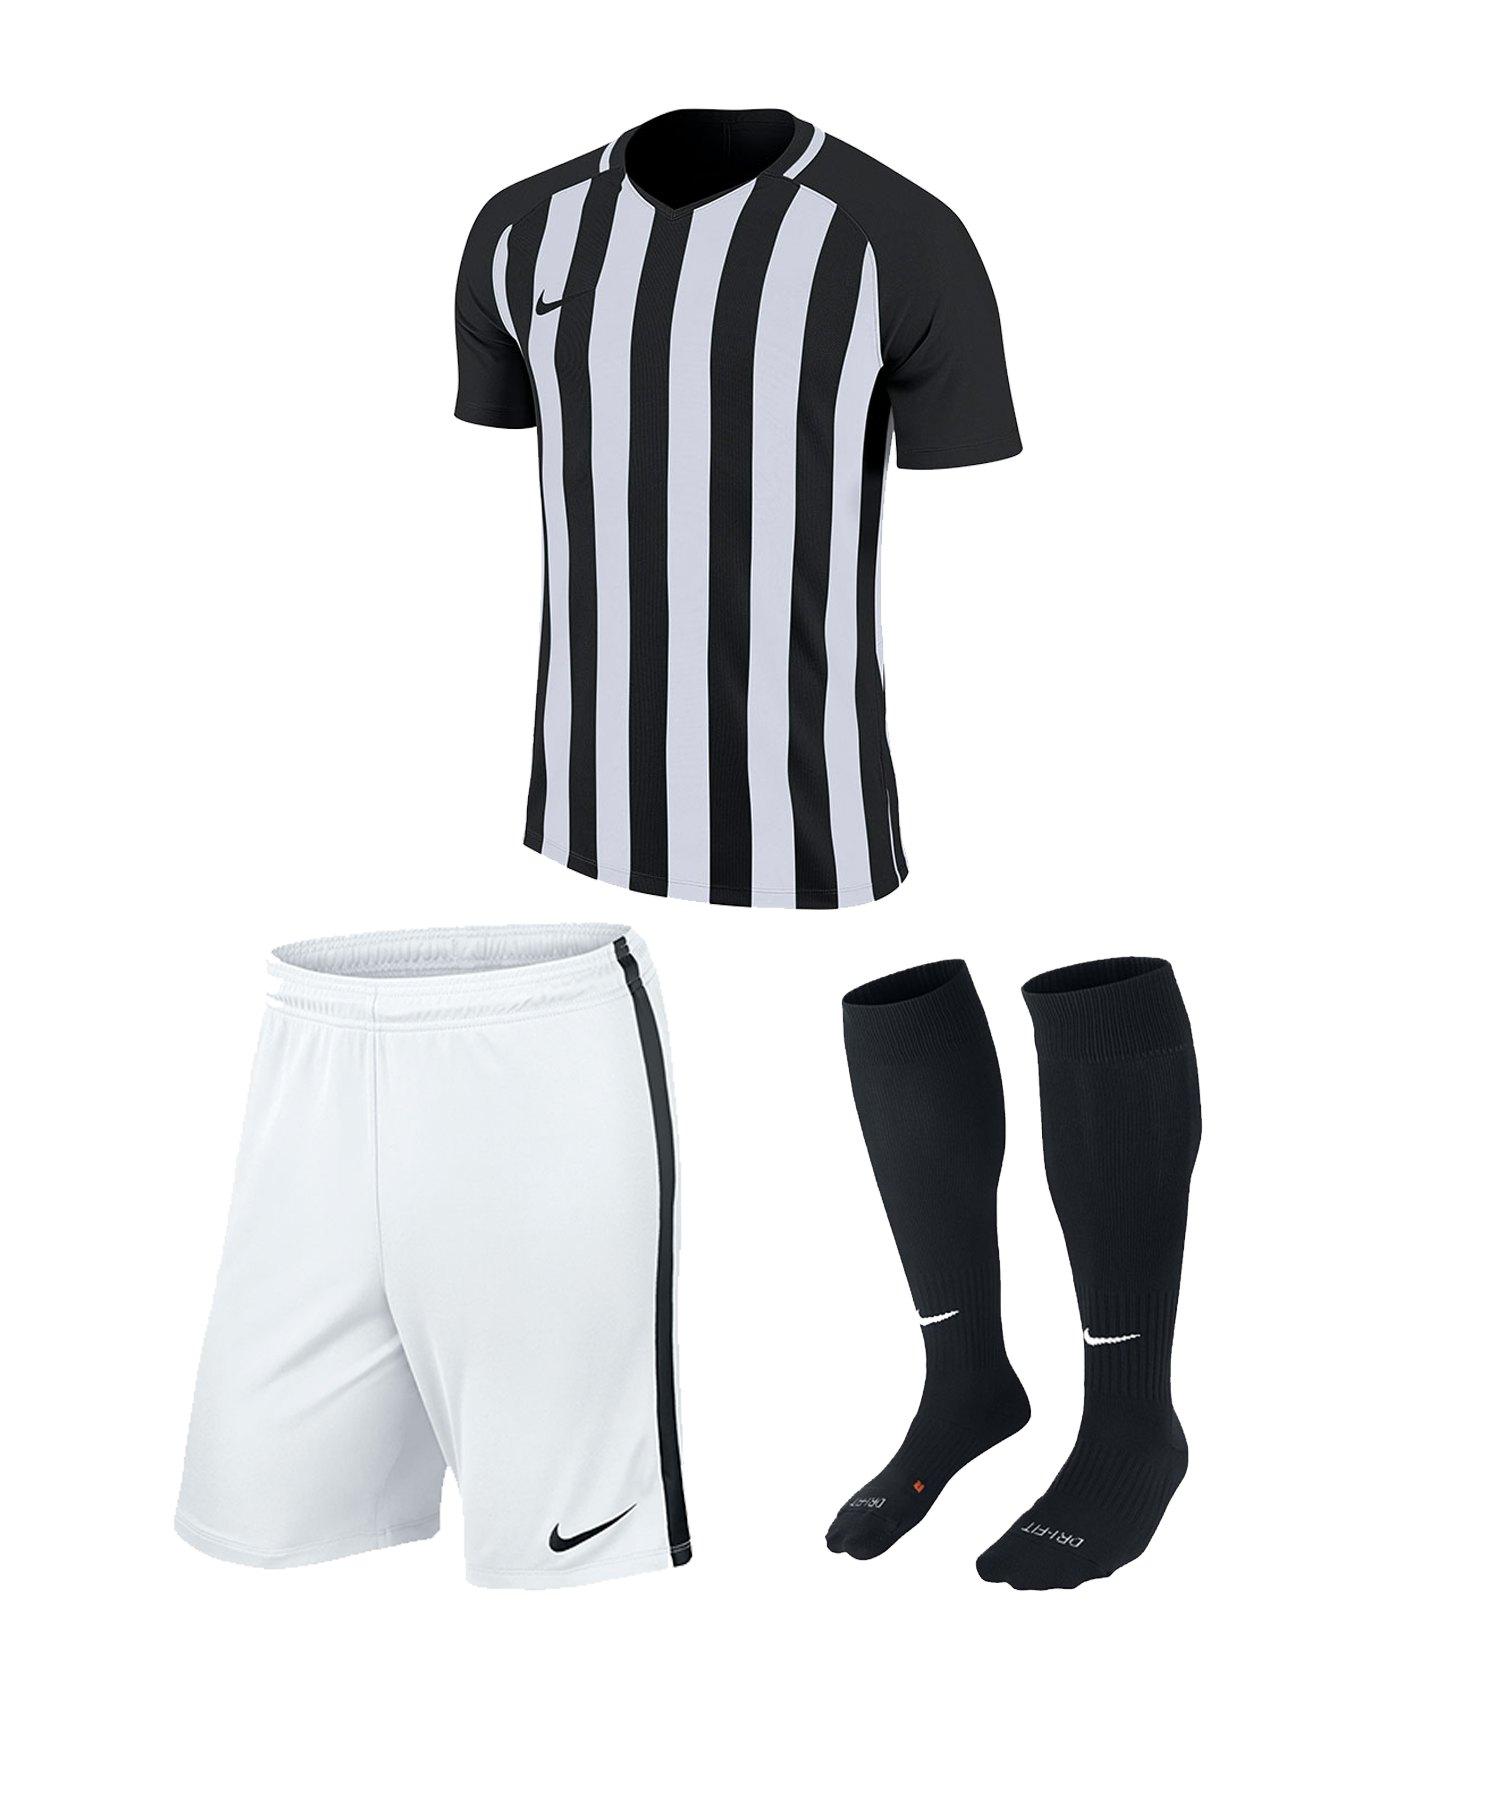 Nike Striped Division III Trikotset kurzarm F010 - schwarz